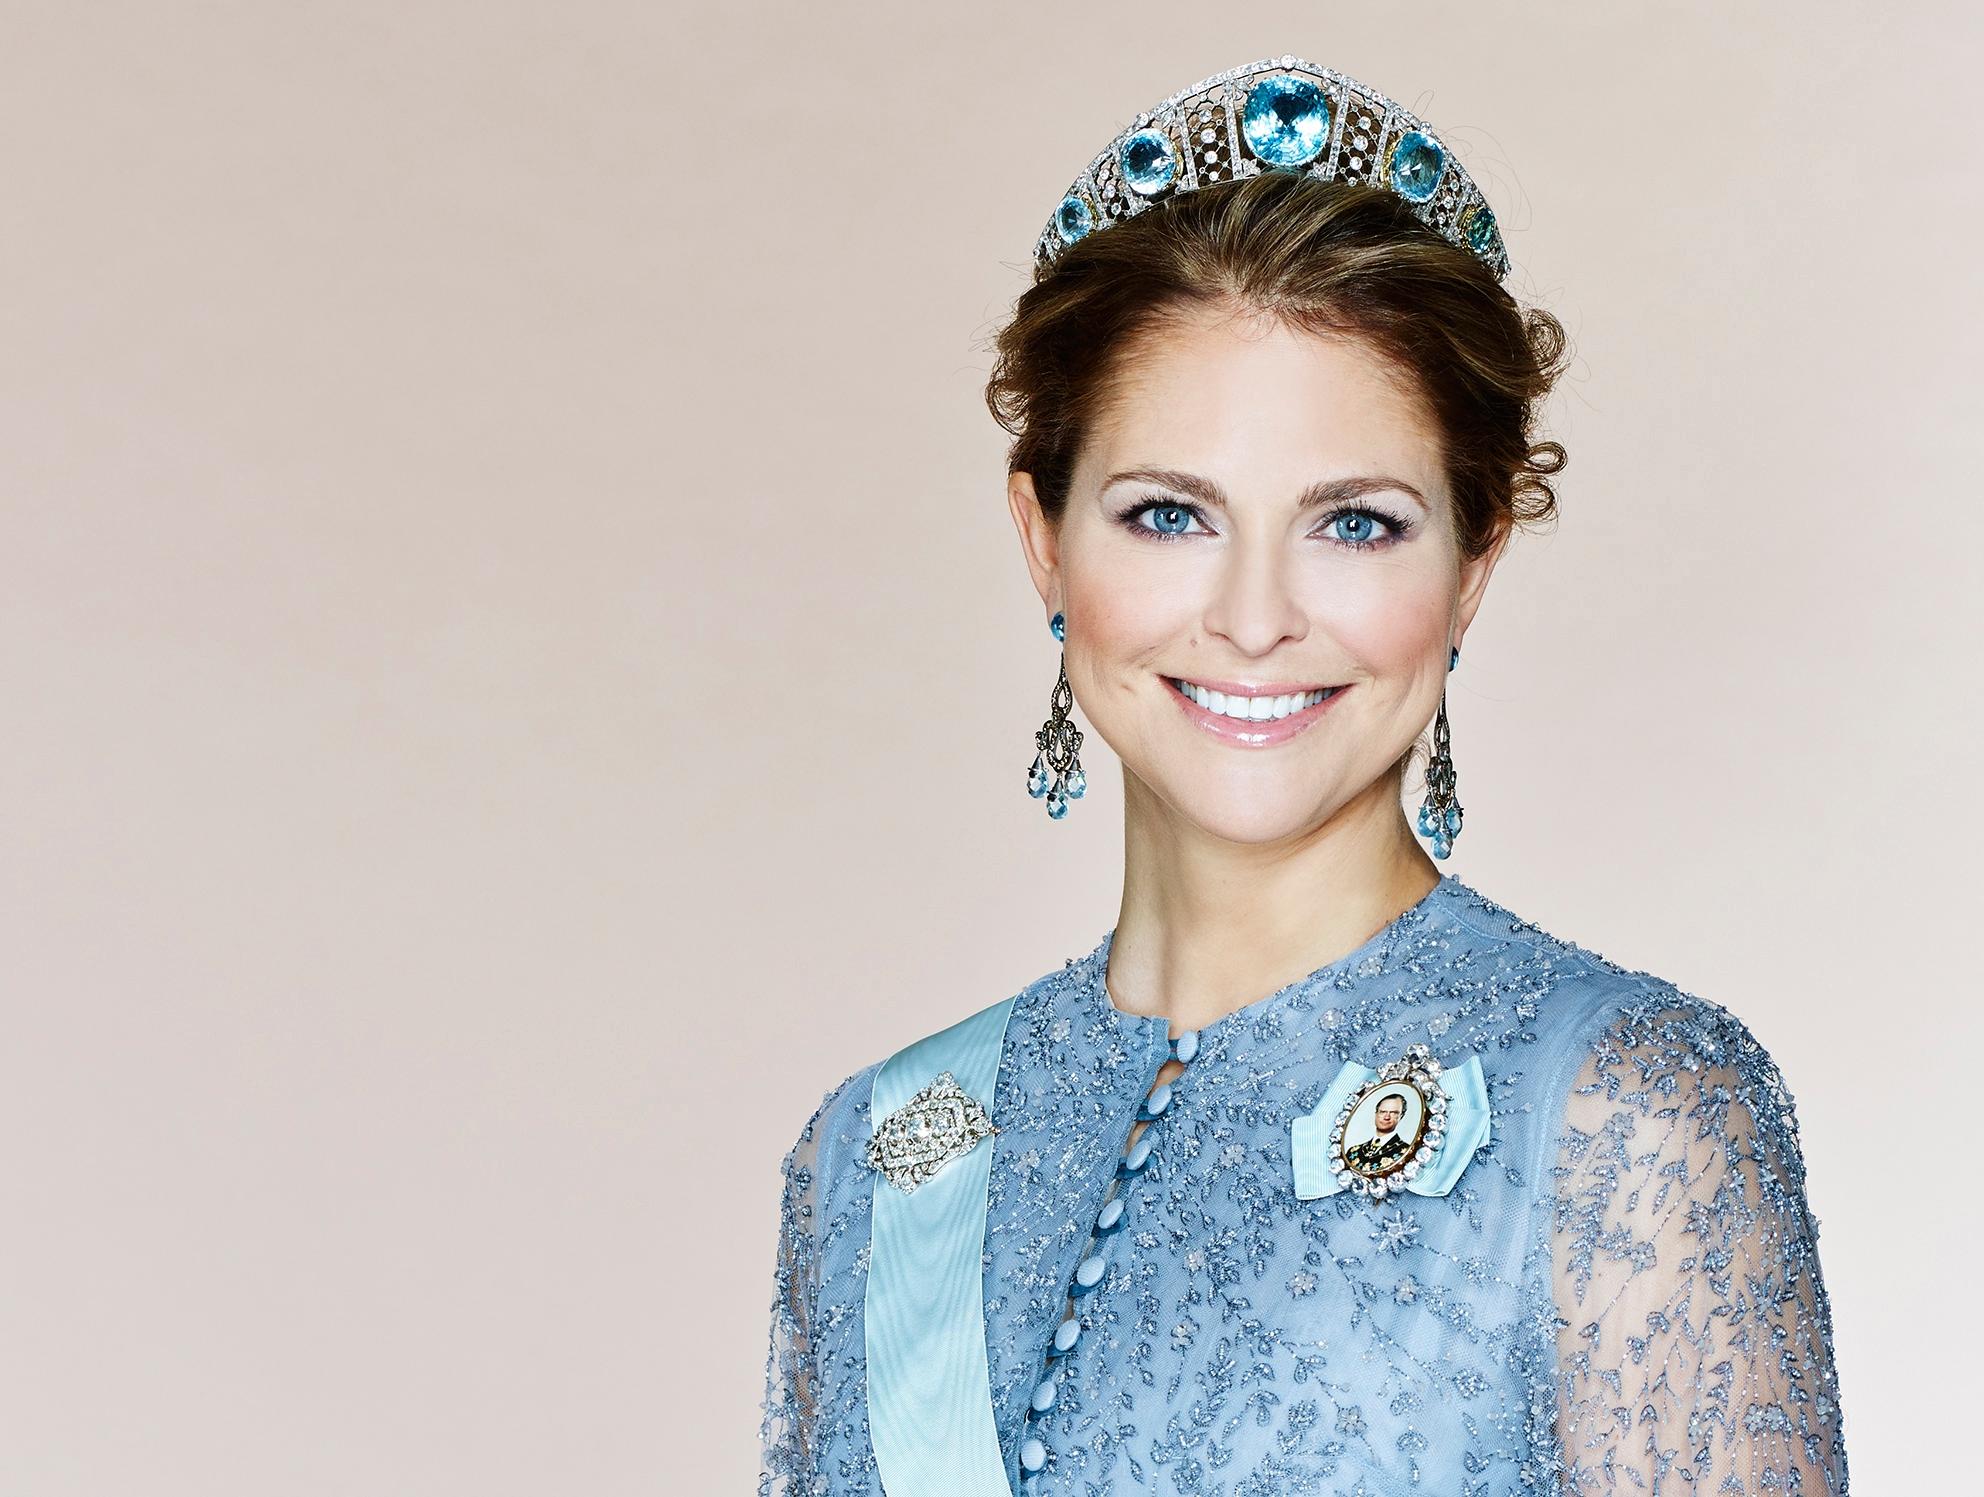 Die Aquamarine Kokoshnik-Tiara passt hervorragend zu den blauen Augen von Prinzessin Madeleine. © Anna-Lena Ahlström, Kungahuset.se